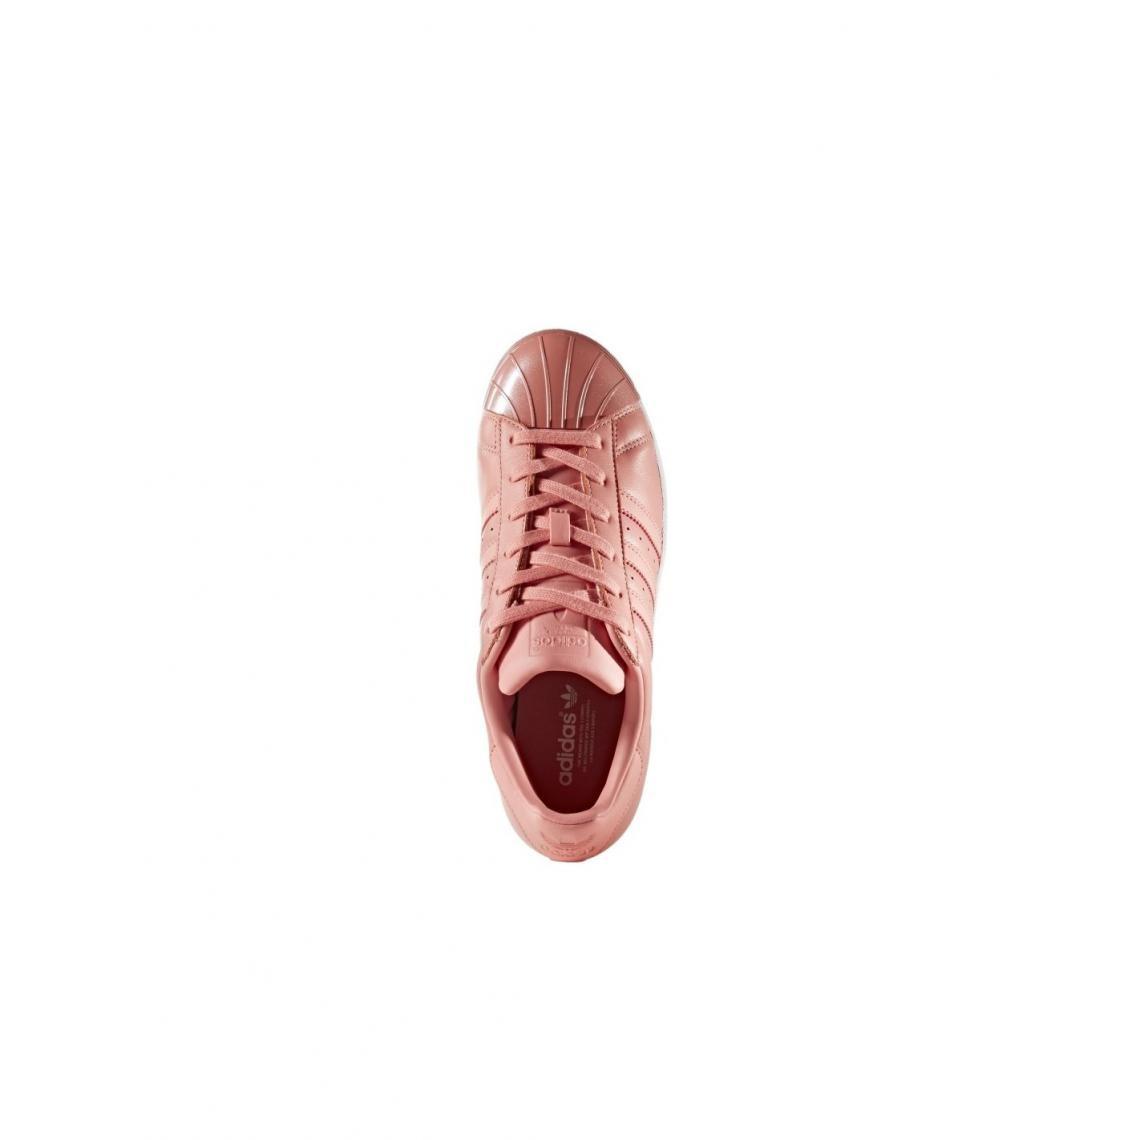 Rose3 Suisses À Lacets Fille Adidas Basse Originals Basket 8v0mNwn